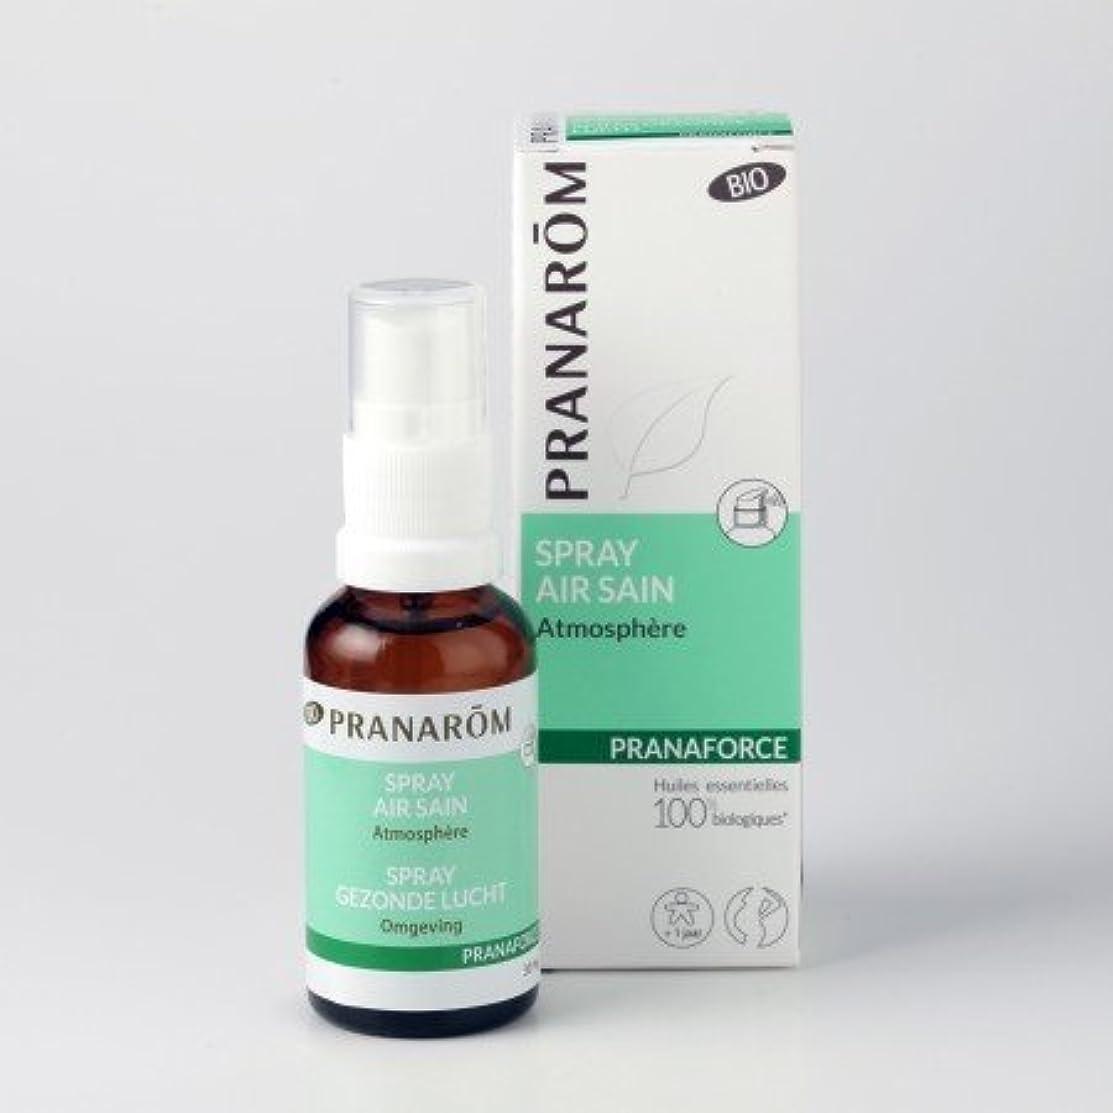 一般的に言えば群がるうまくやる()プラナロム (PRANAROM) ルームコロン プラナフォース?スプレー 30ml 02601 エアフレッシュナー (芳香剤)